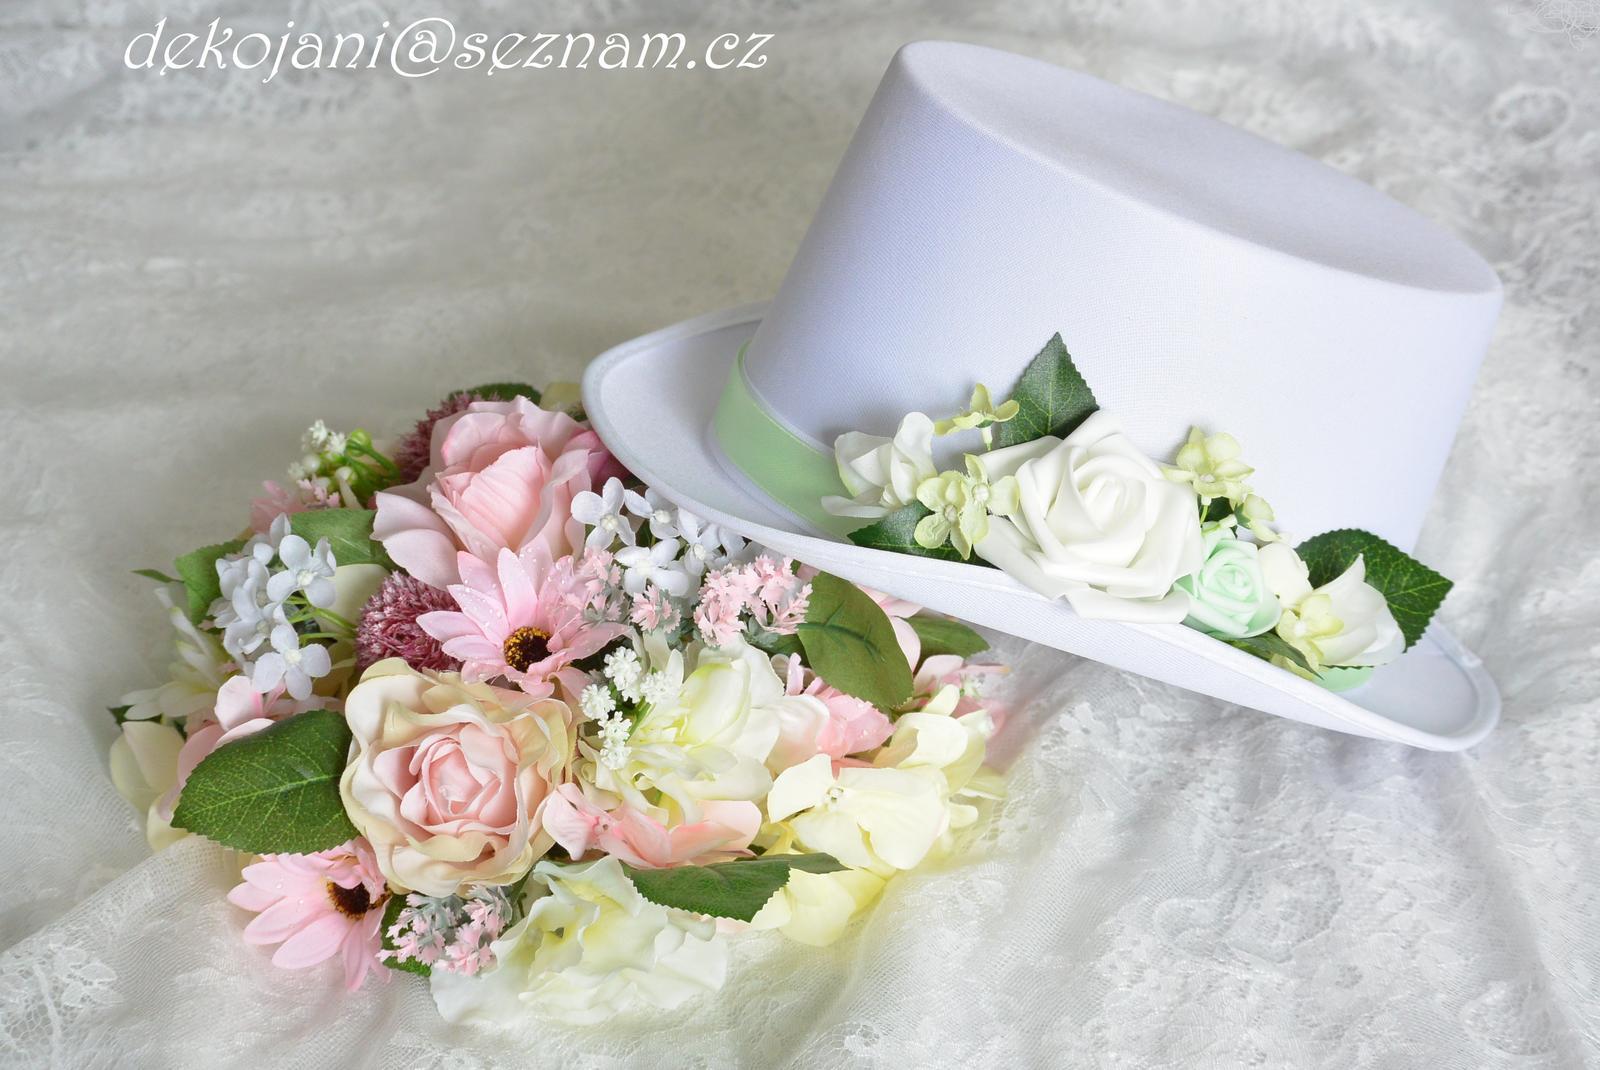 Luxusní buket na svatební auto - Obrázek č. 1